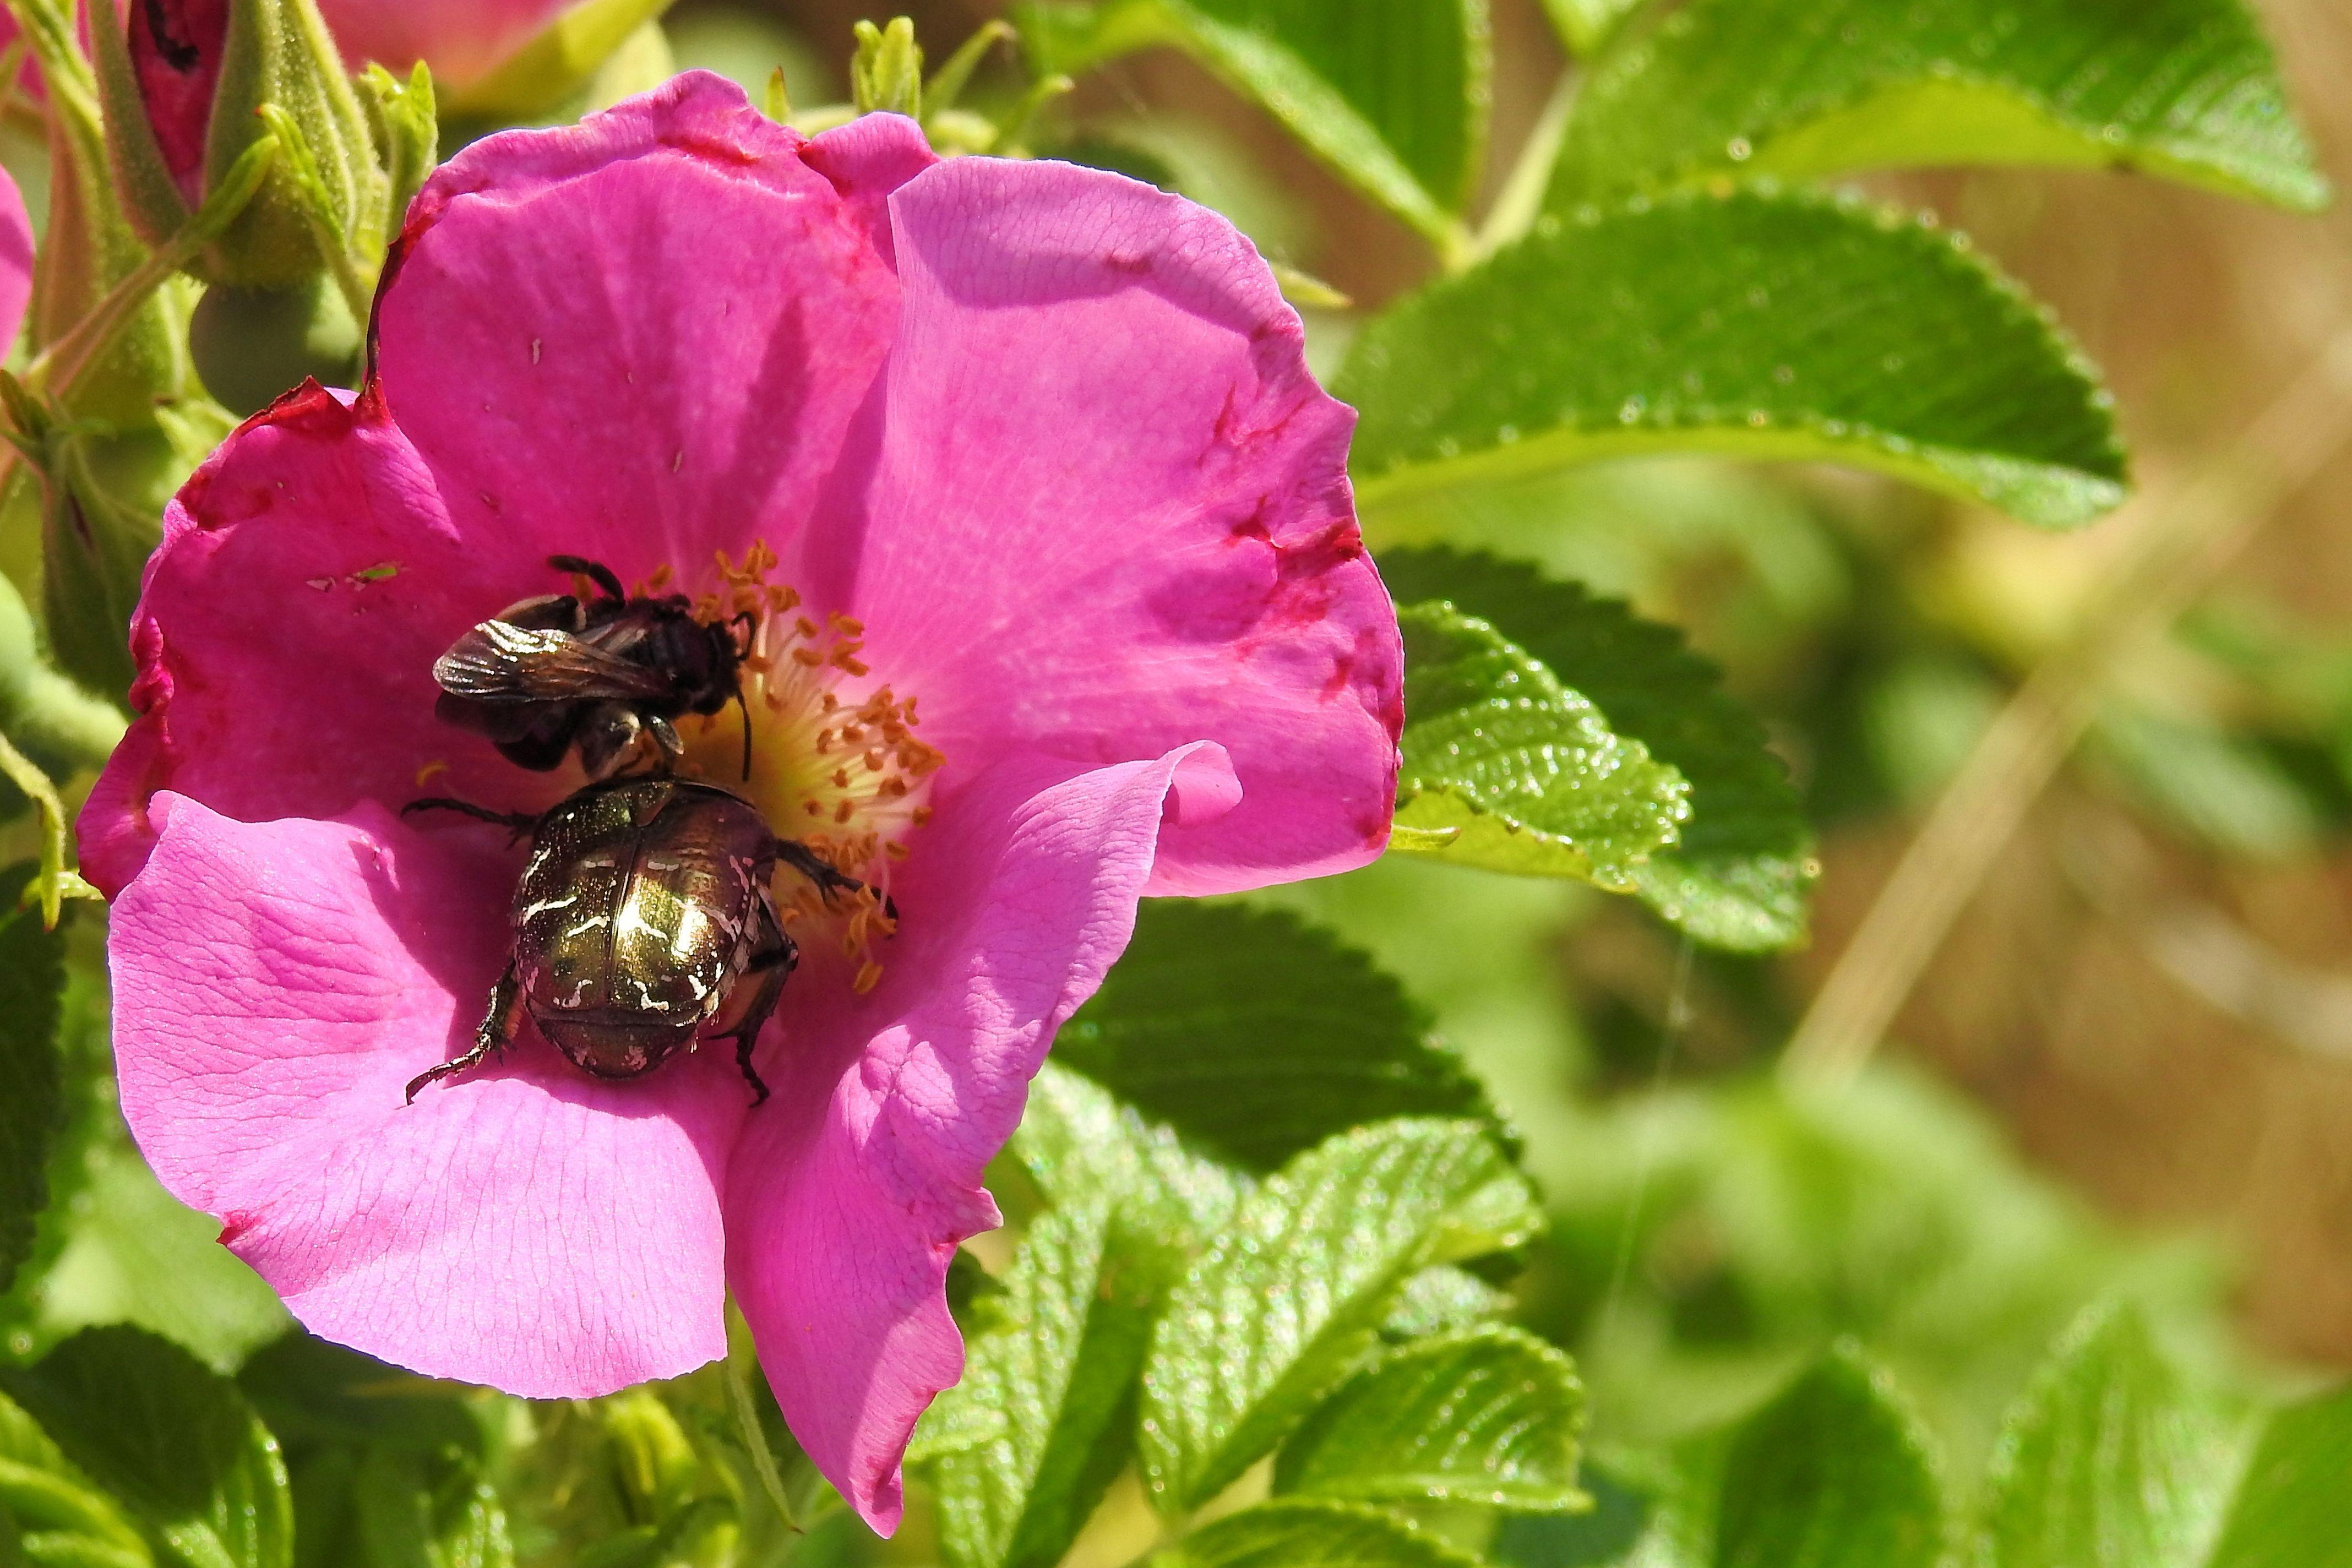 images gratuites : fleur, pétale, floraison, buisson, insecte